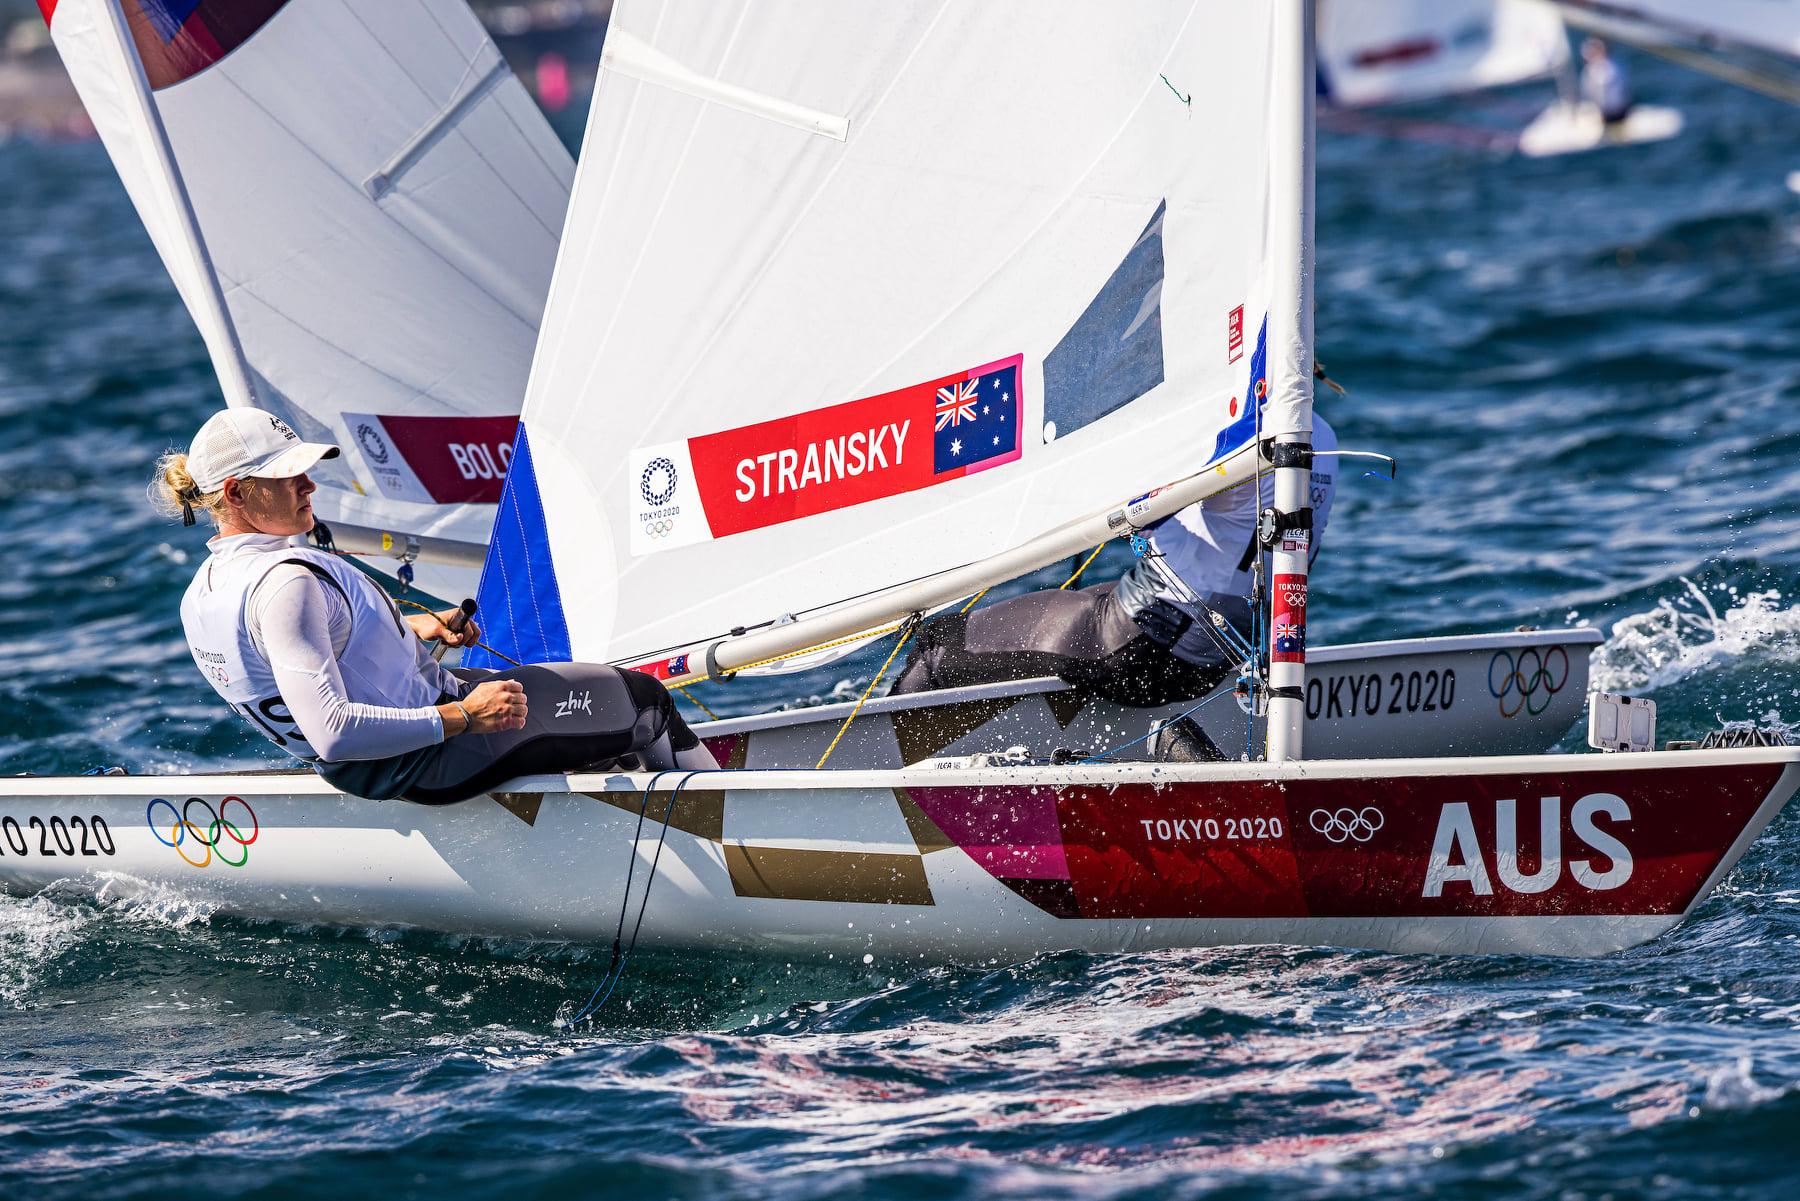 Mara Stransky sailing